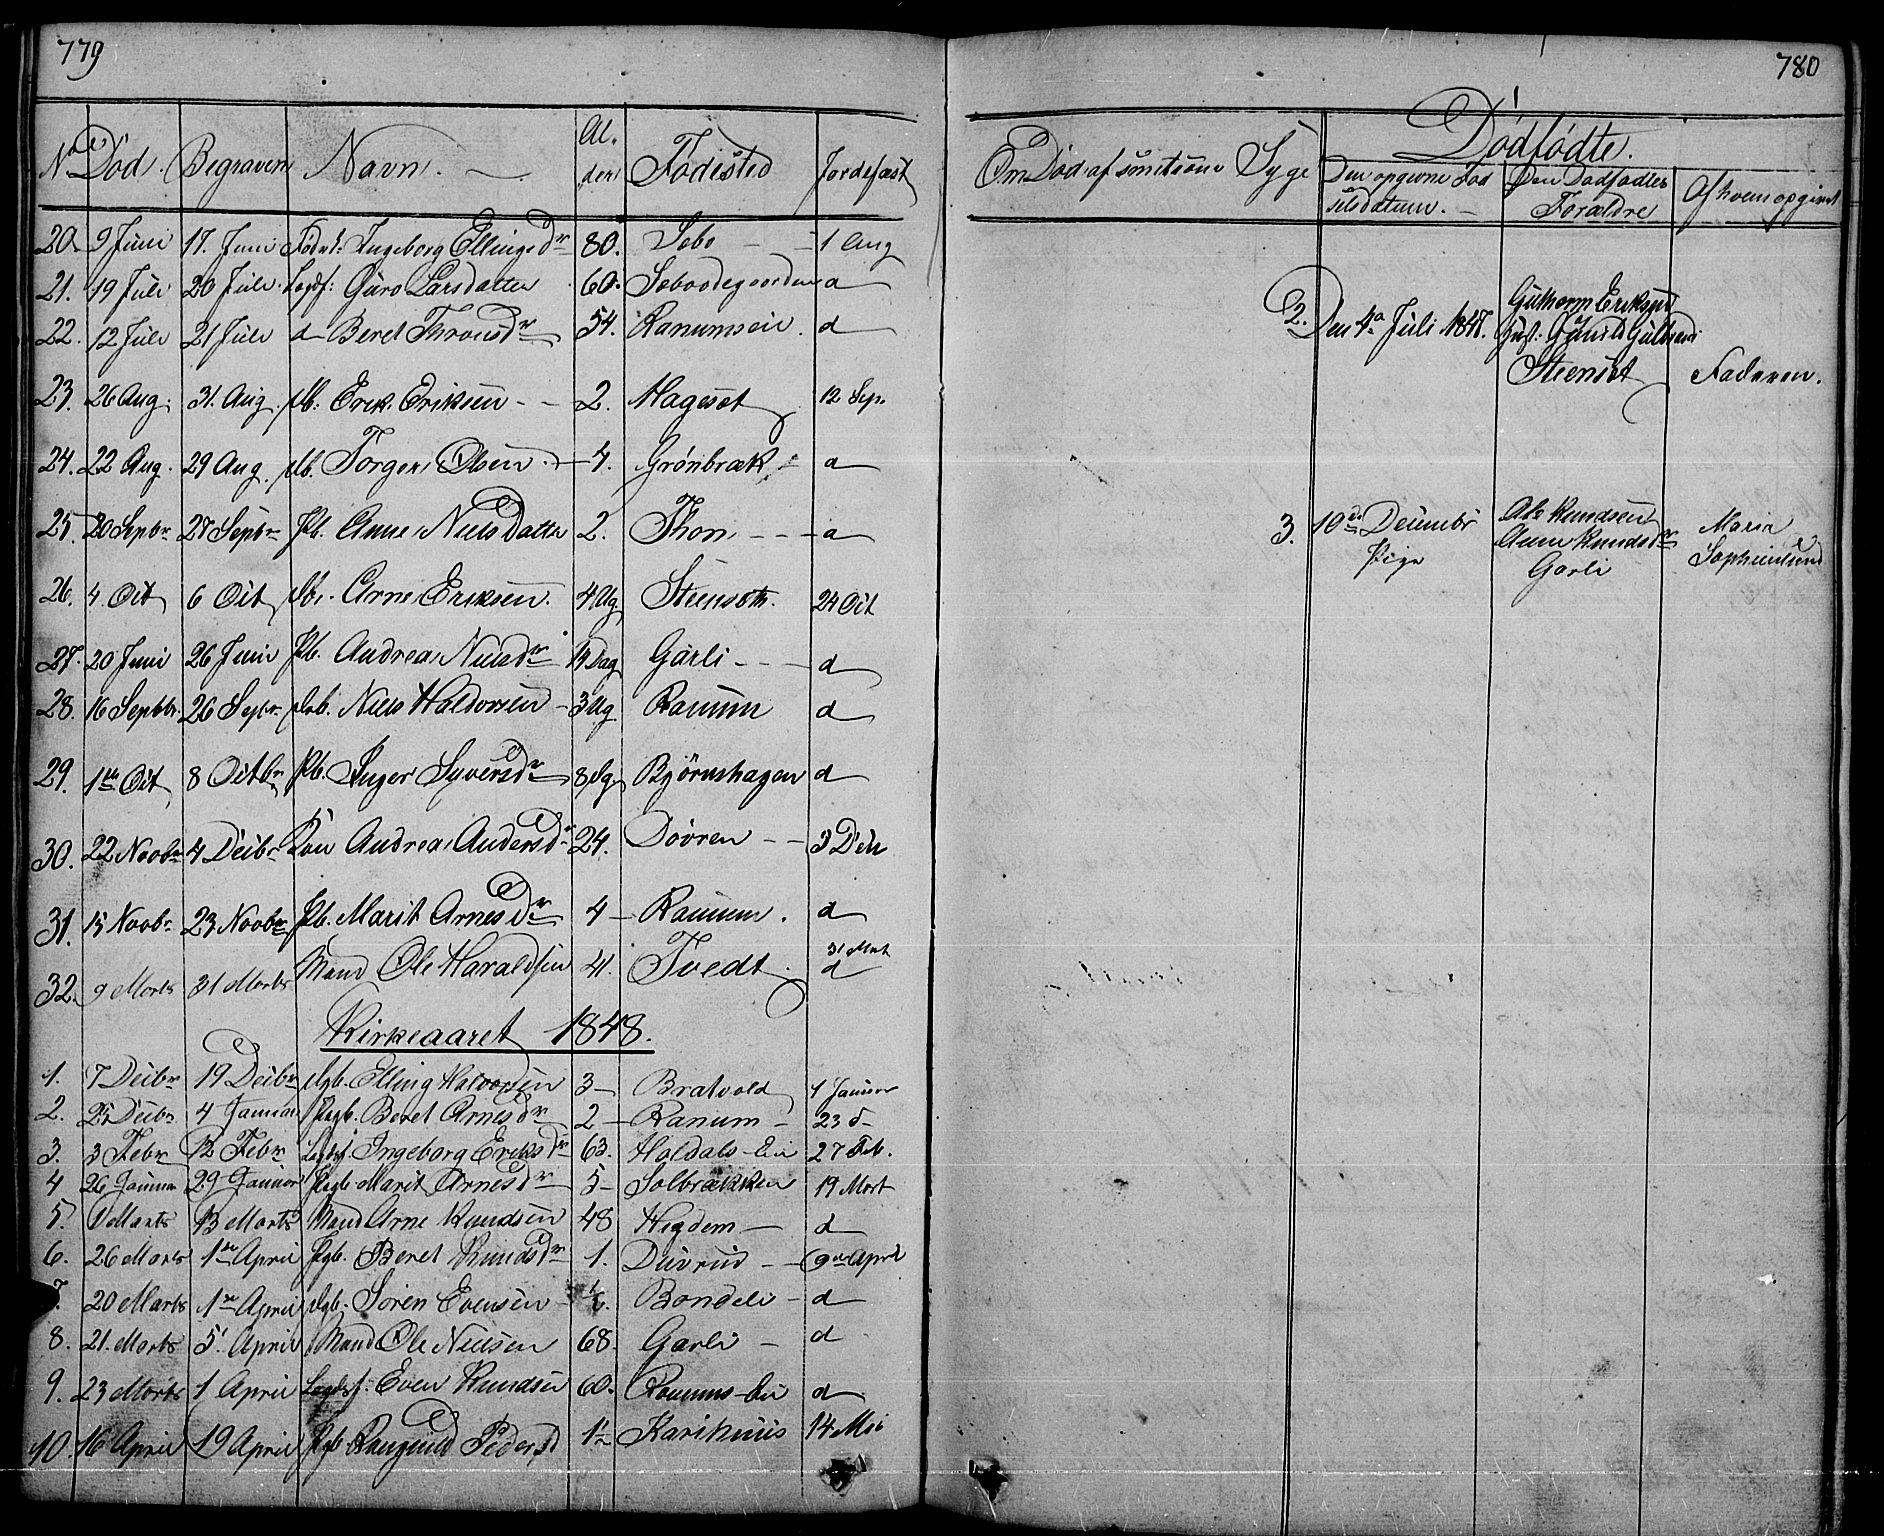 SAH, Nord-Aurdal prestekontor, Klokkerbok nr. 1, 1834-1887, s. 779-780